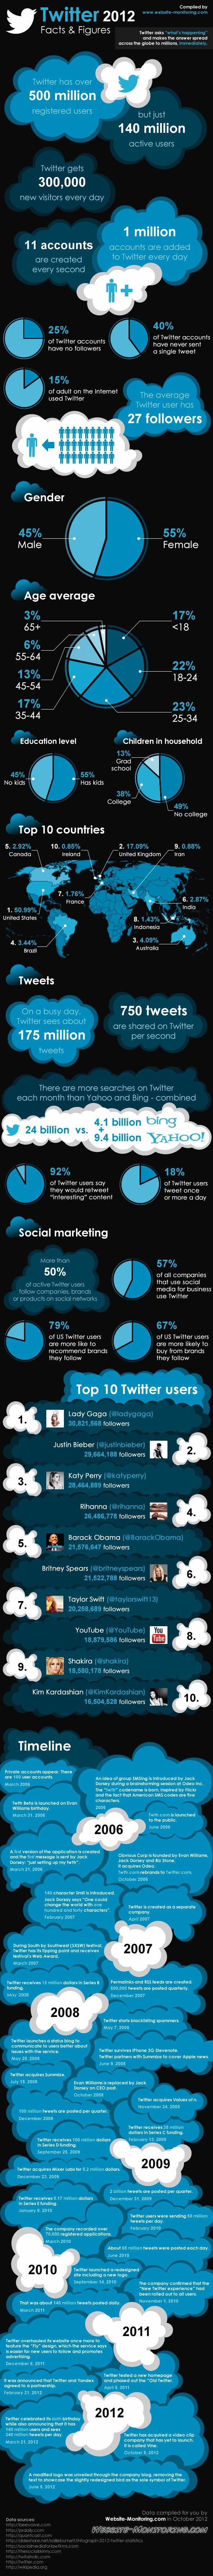 Statistiche Twitter 2012